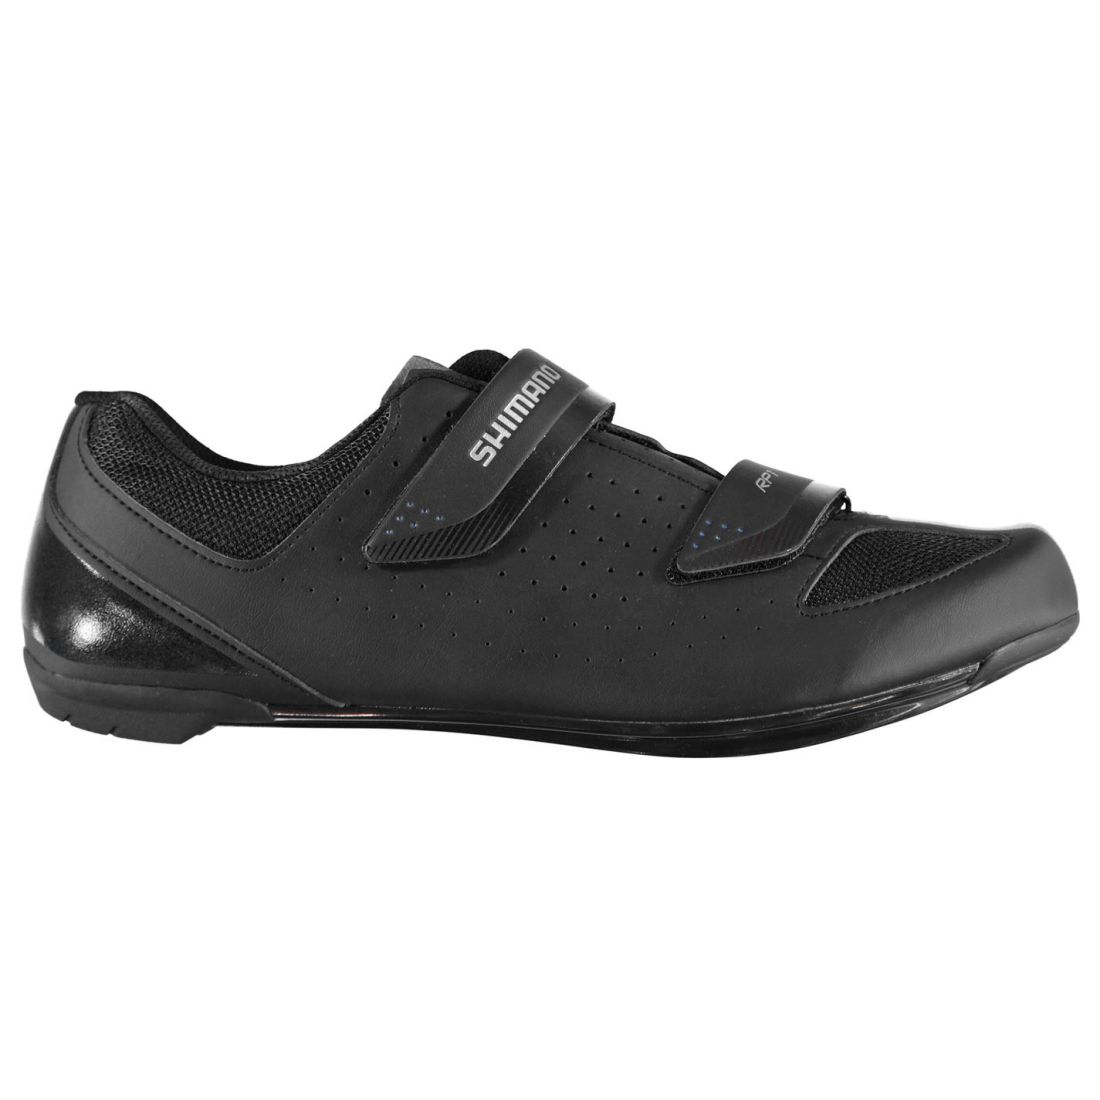 Shimano Da Uomo RP1 Road Scarpe Da Ciclismo collare imbottito per Caviglia Cinturino leggero tocco